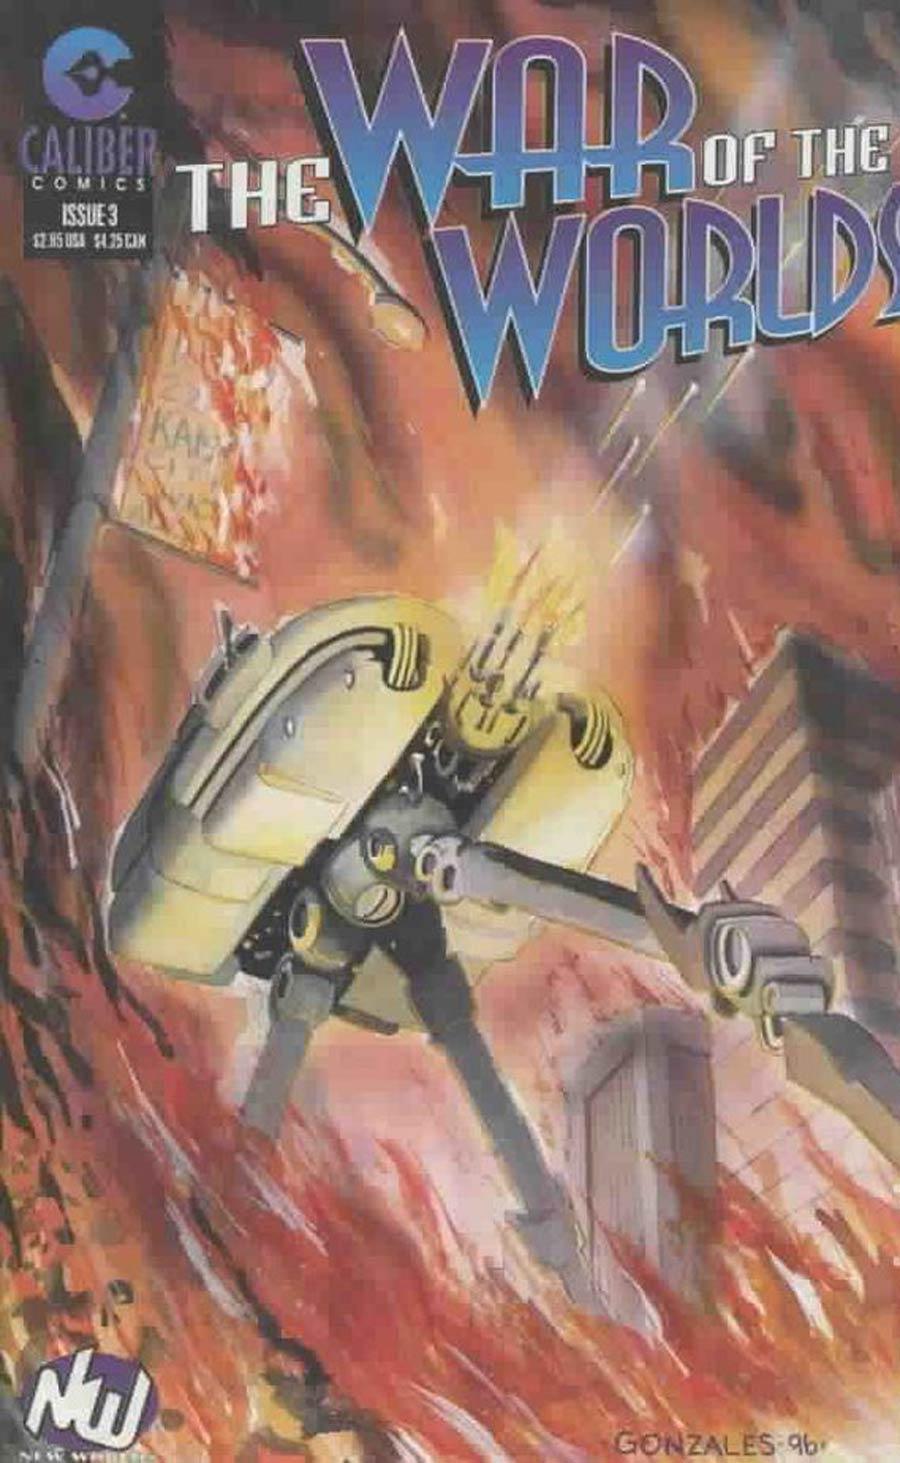 War Of The Worlds (Caliber) #3